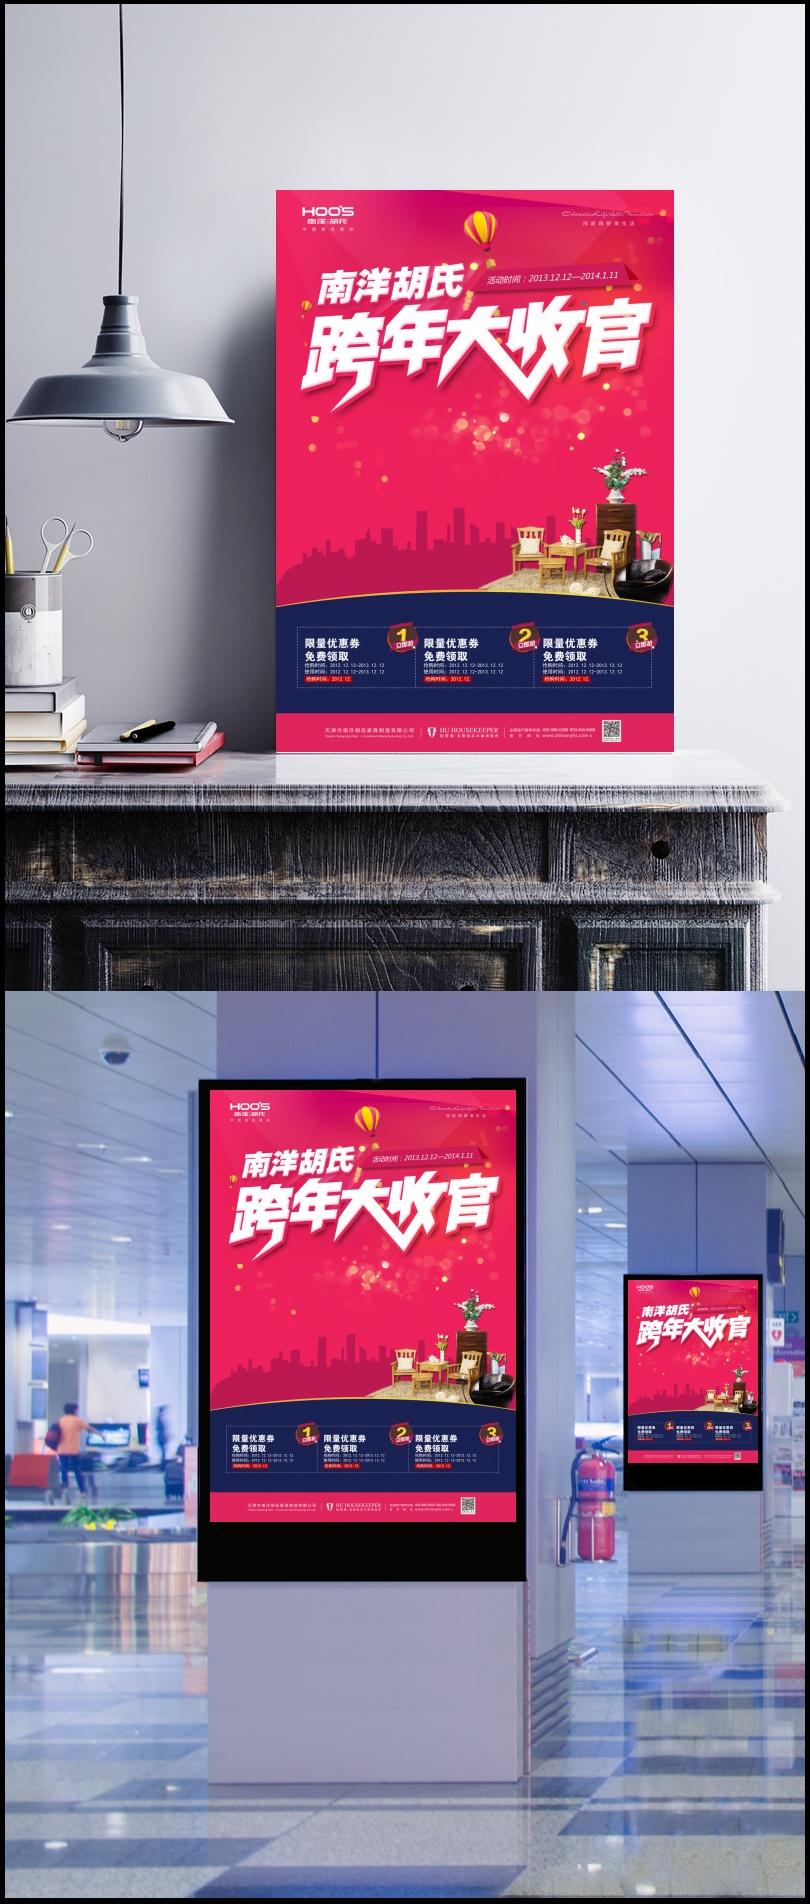 家具狂歡促銷海報背景素材